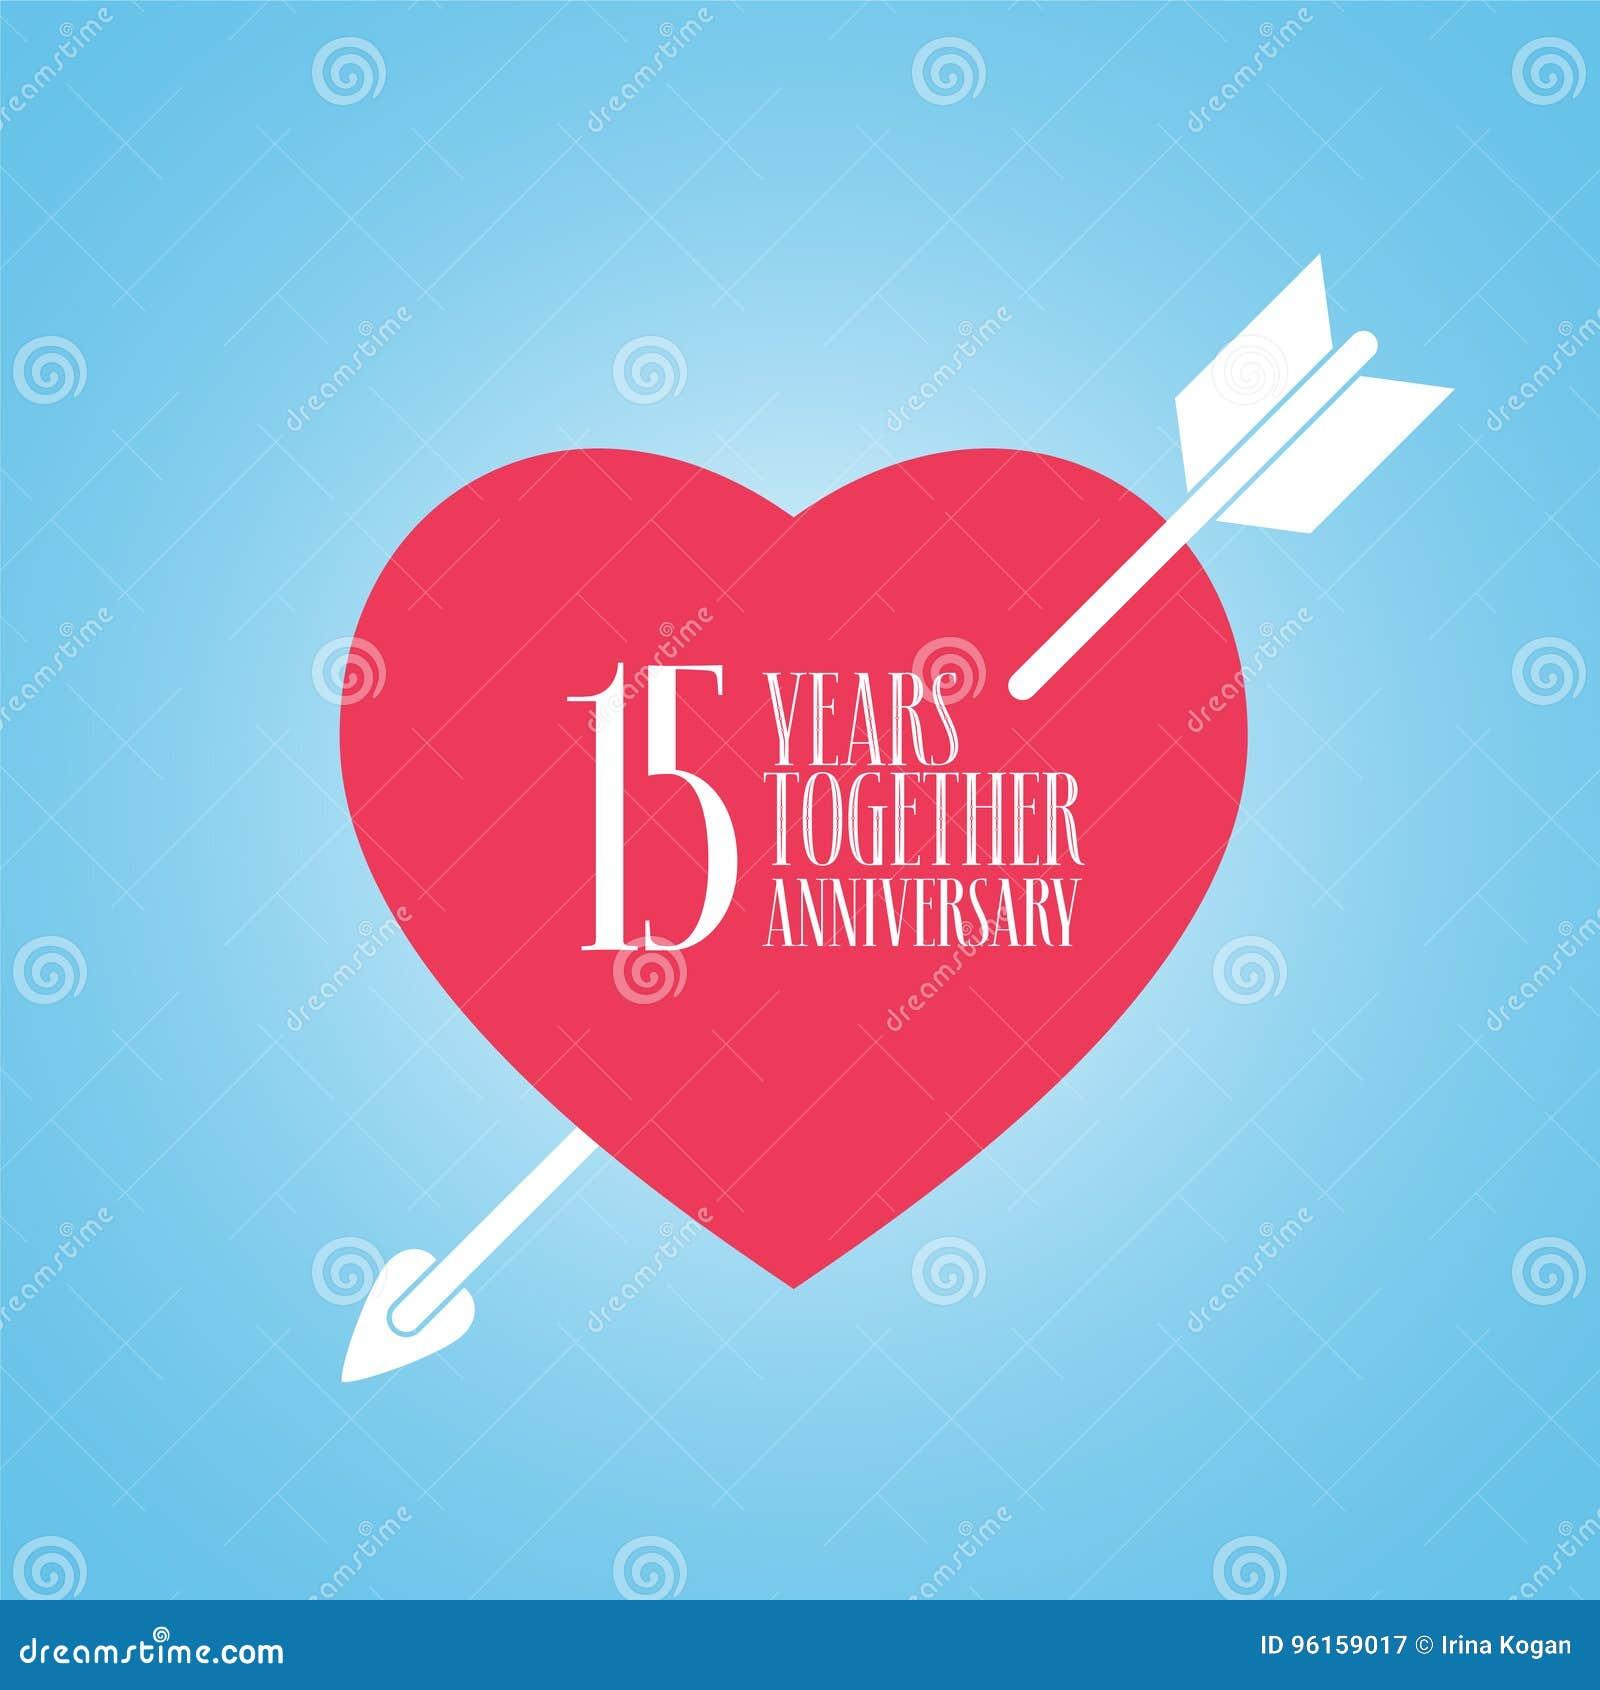 Anniversario Di Matrimonio 15 Anni.15 Anni Di Anniversario Dell Icona Di Vettore Di Matrimonio O Di